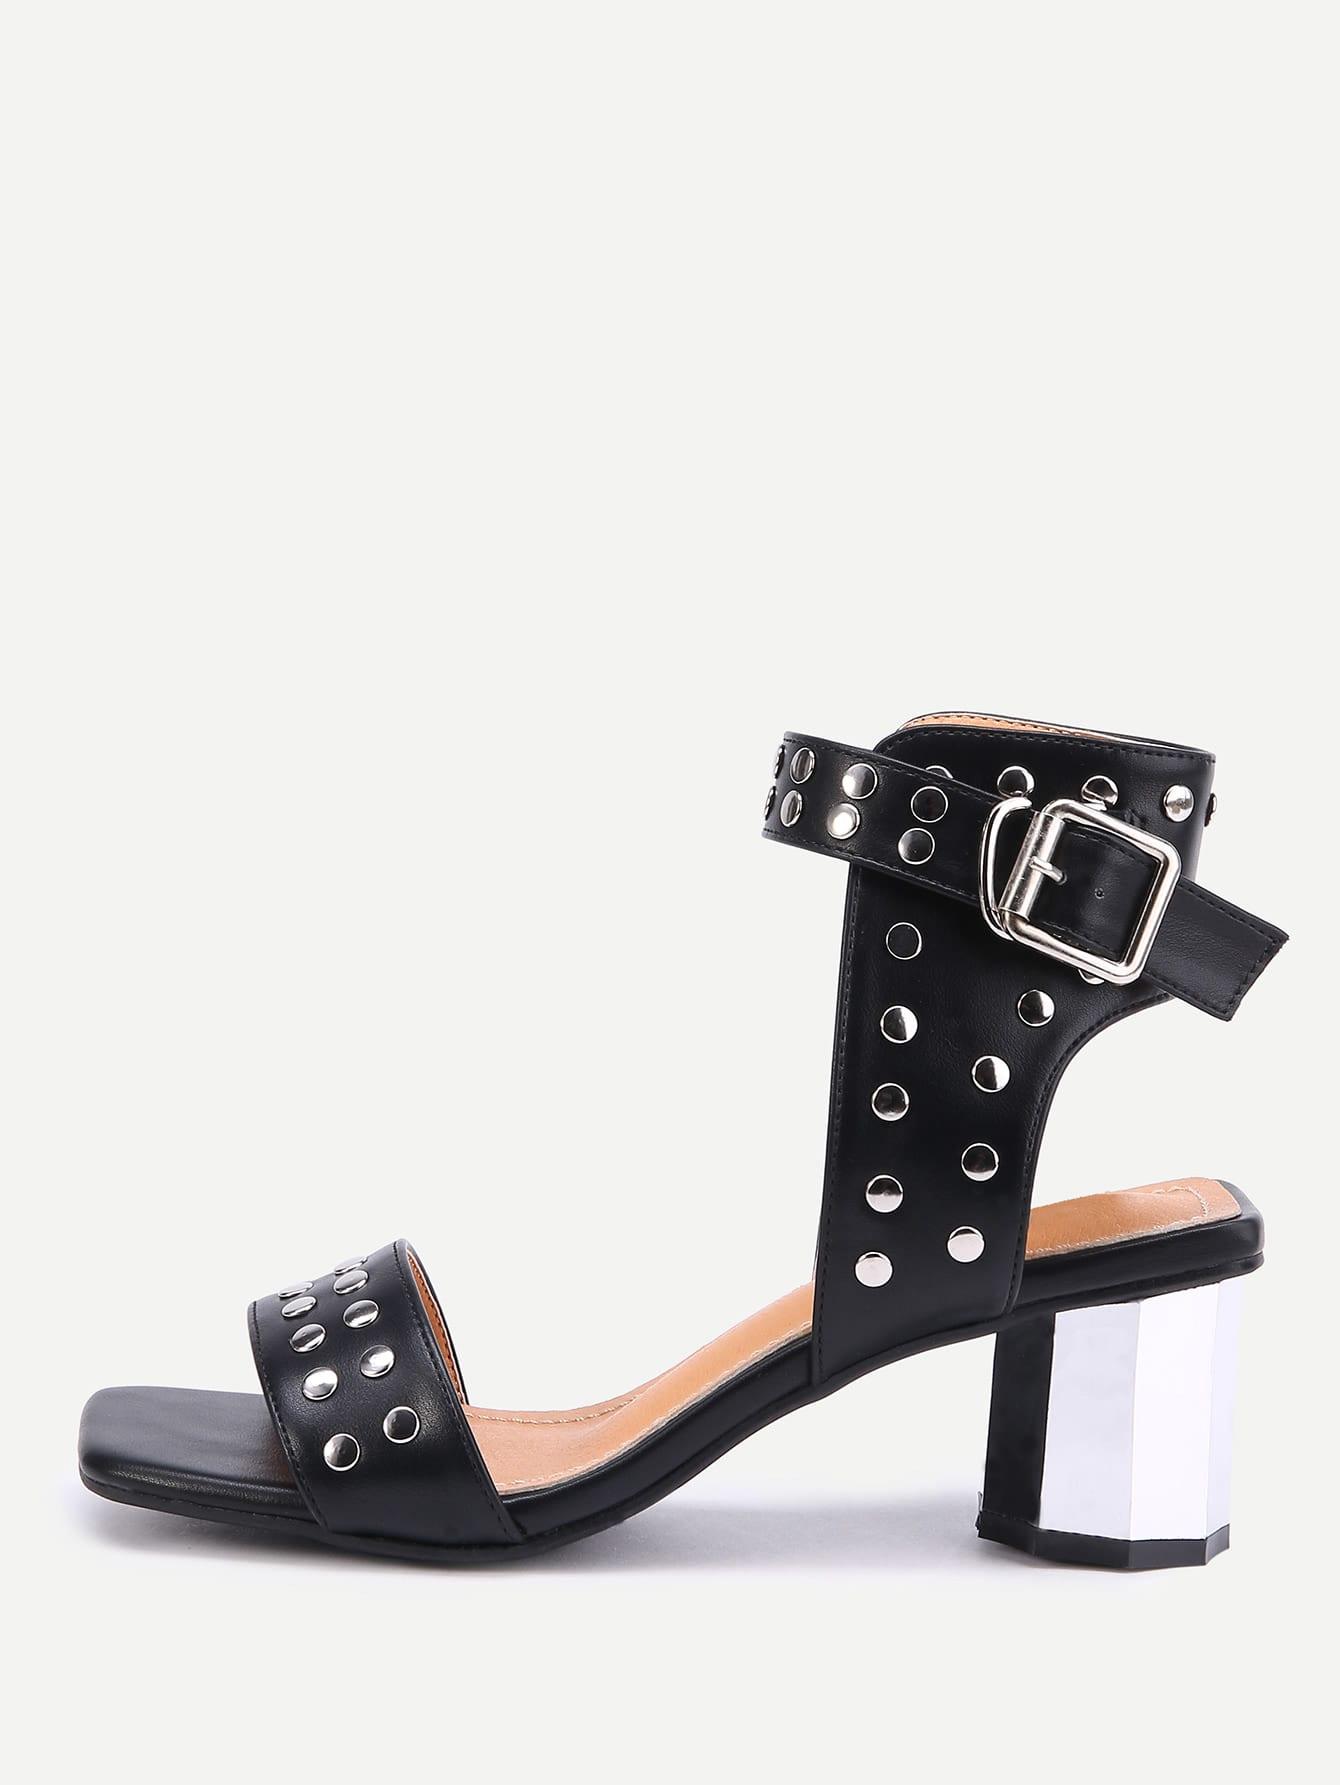 shoes170403815_2